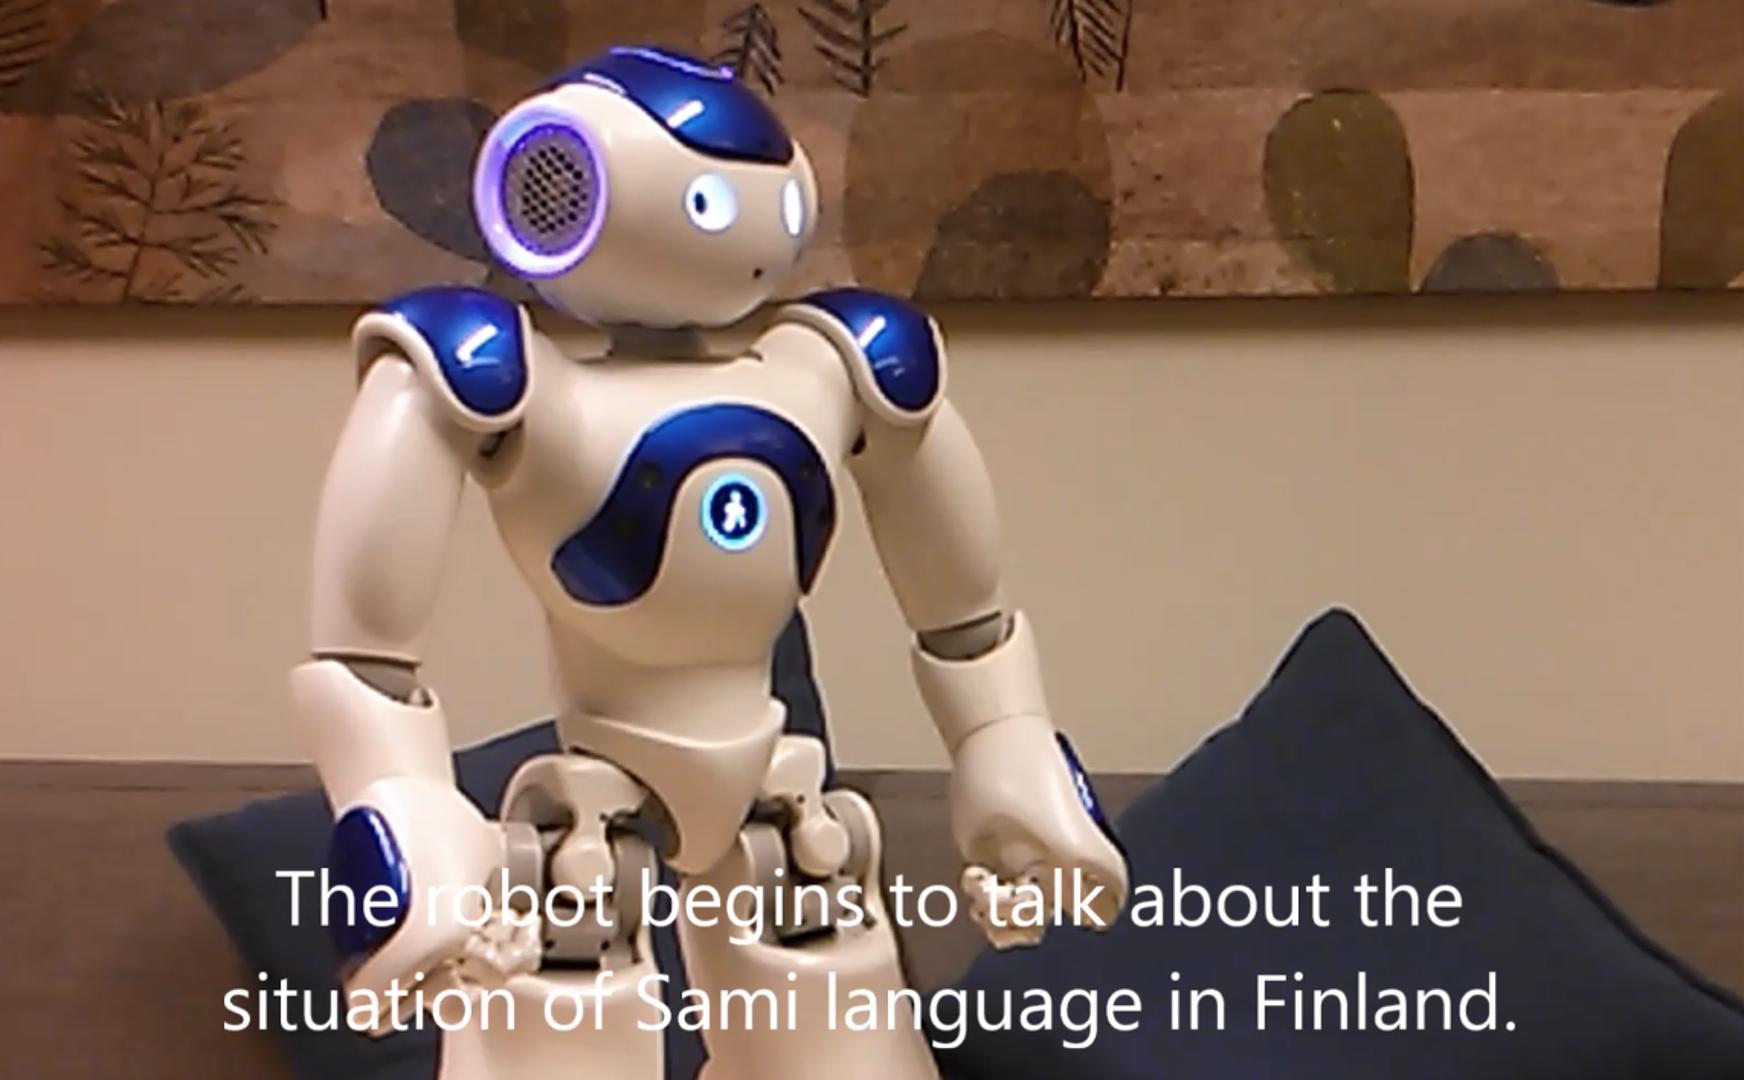 Sami-speaking robot